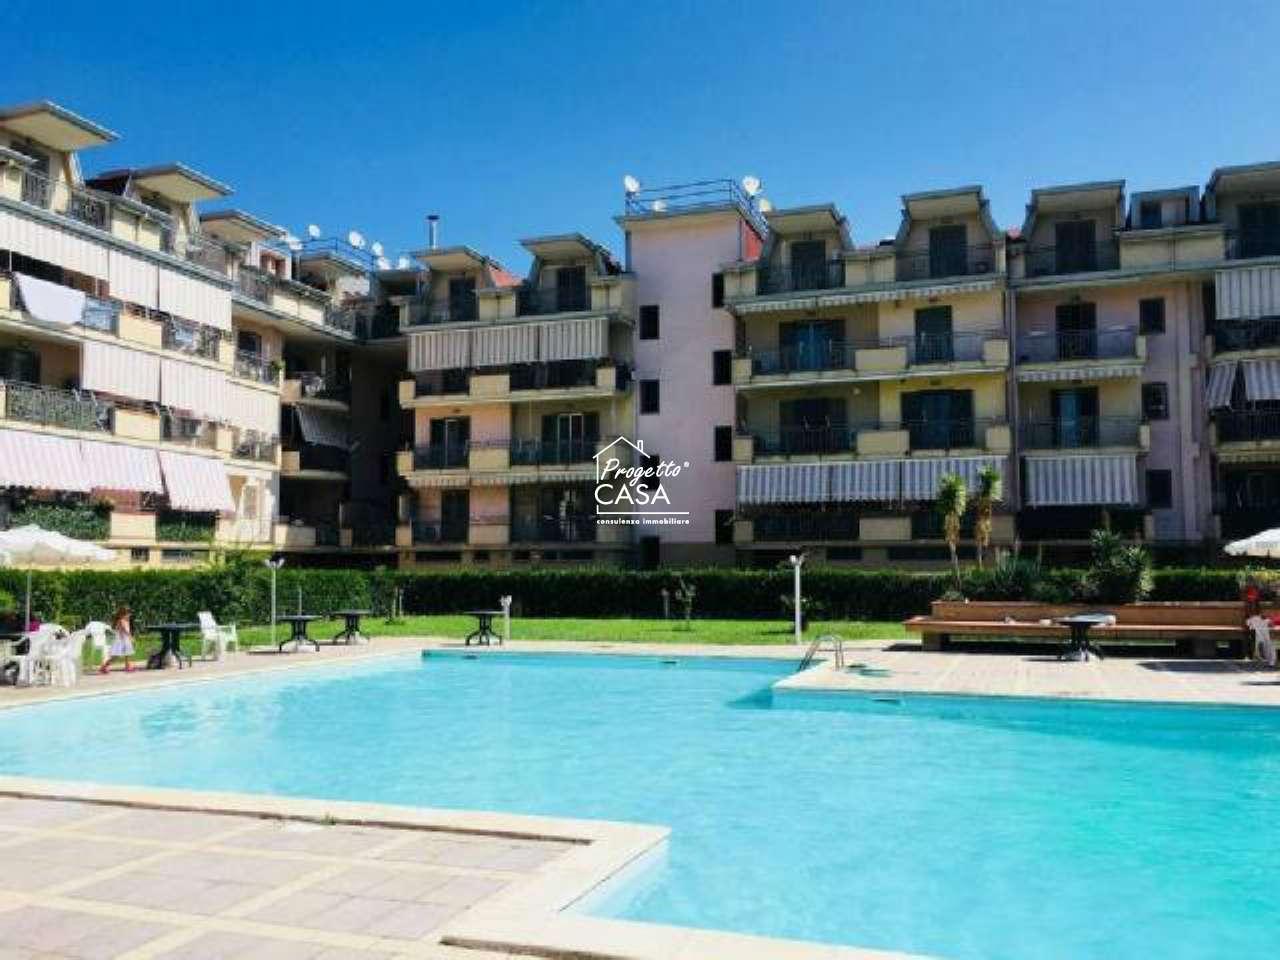 Appartamento in vendita a Acerra, 3 locali, prezzo € 119.000 | PortaleAgenzieImmobiliari.it